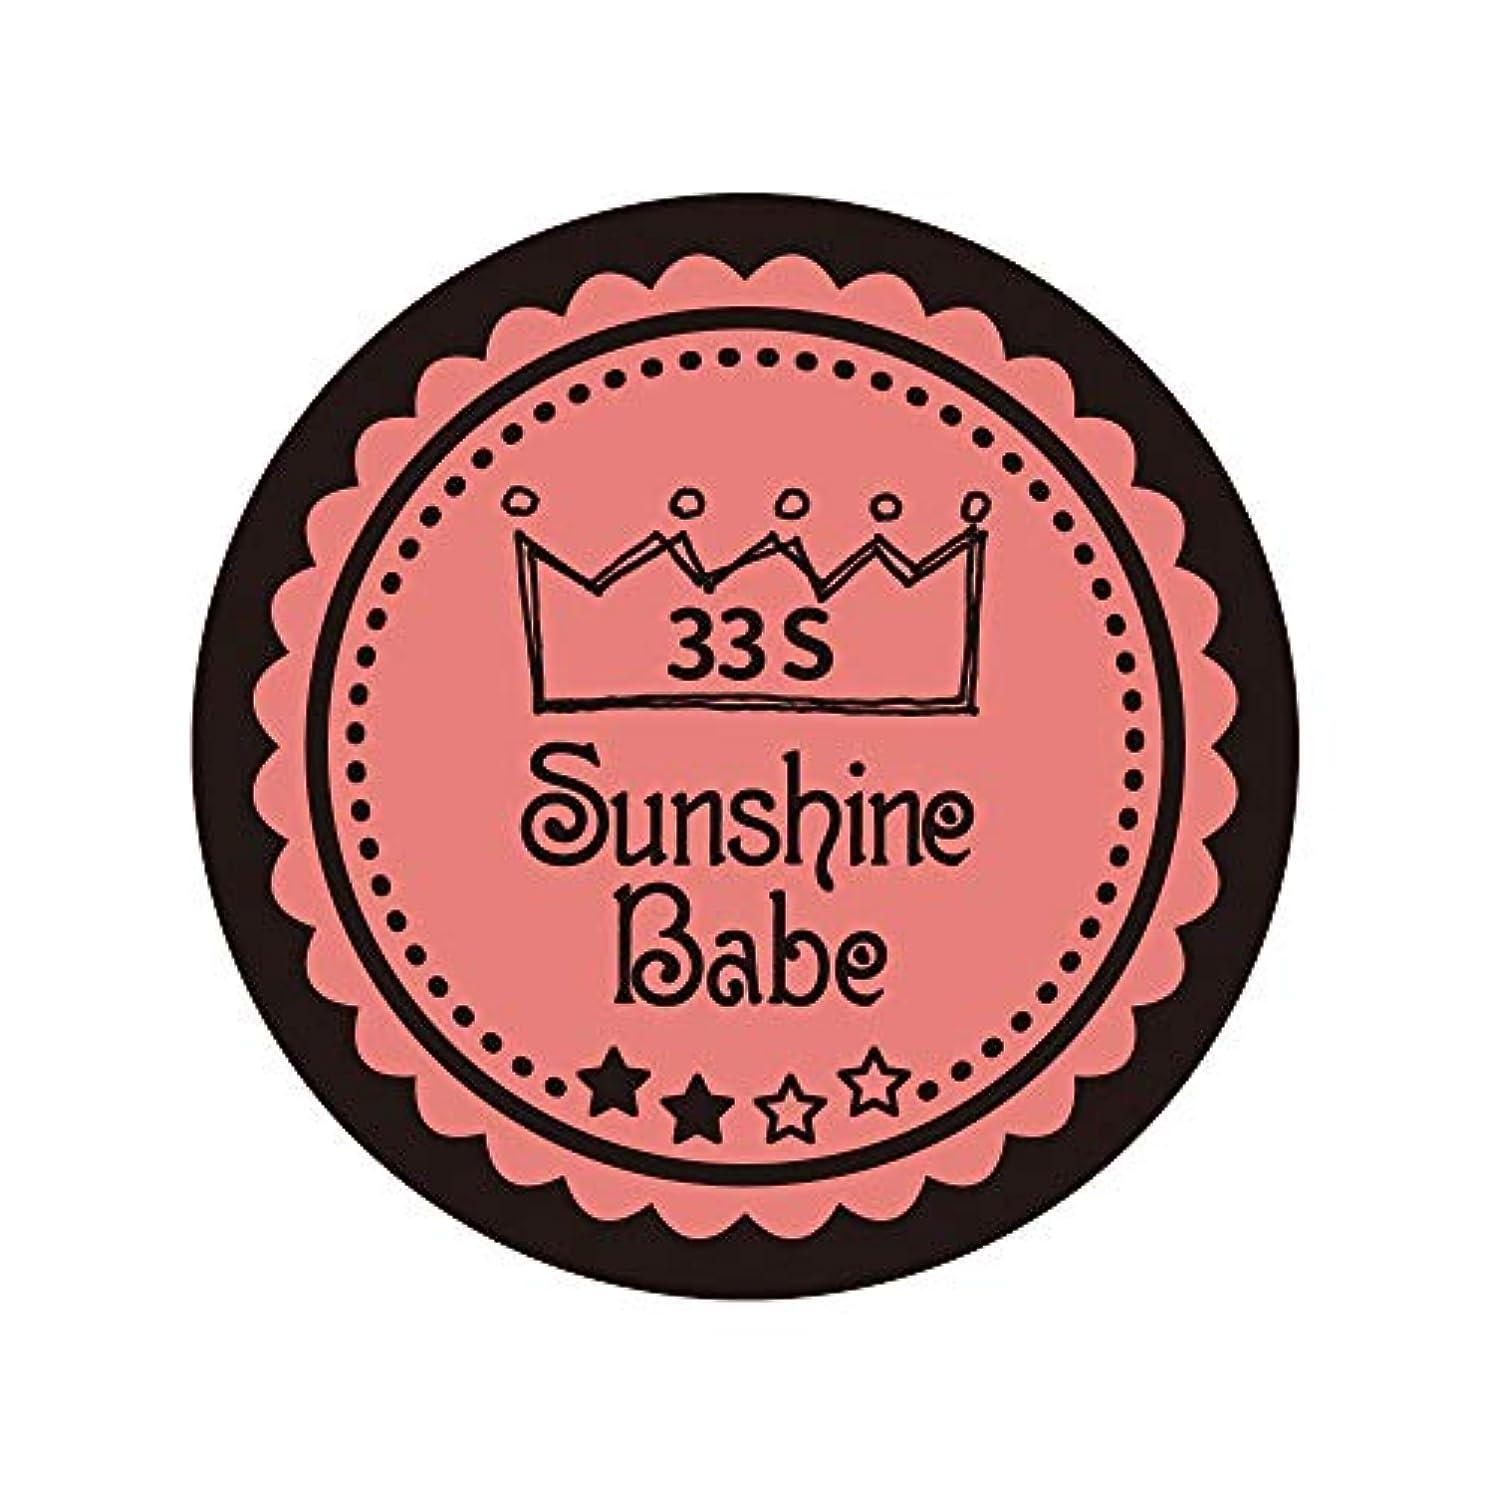 貫通するエゴマニア進行中Sunshine Babe カラージェル 33S ベイクドコーラルピンク 4g UV/LED対応